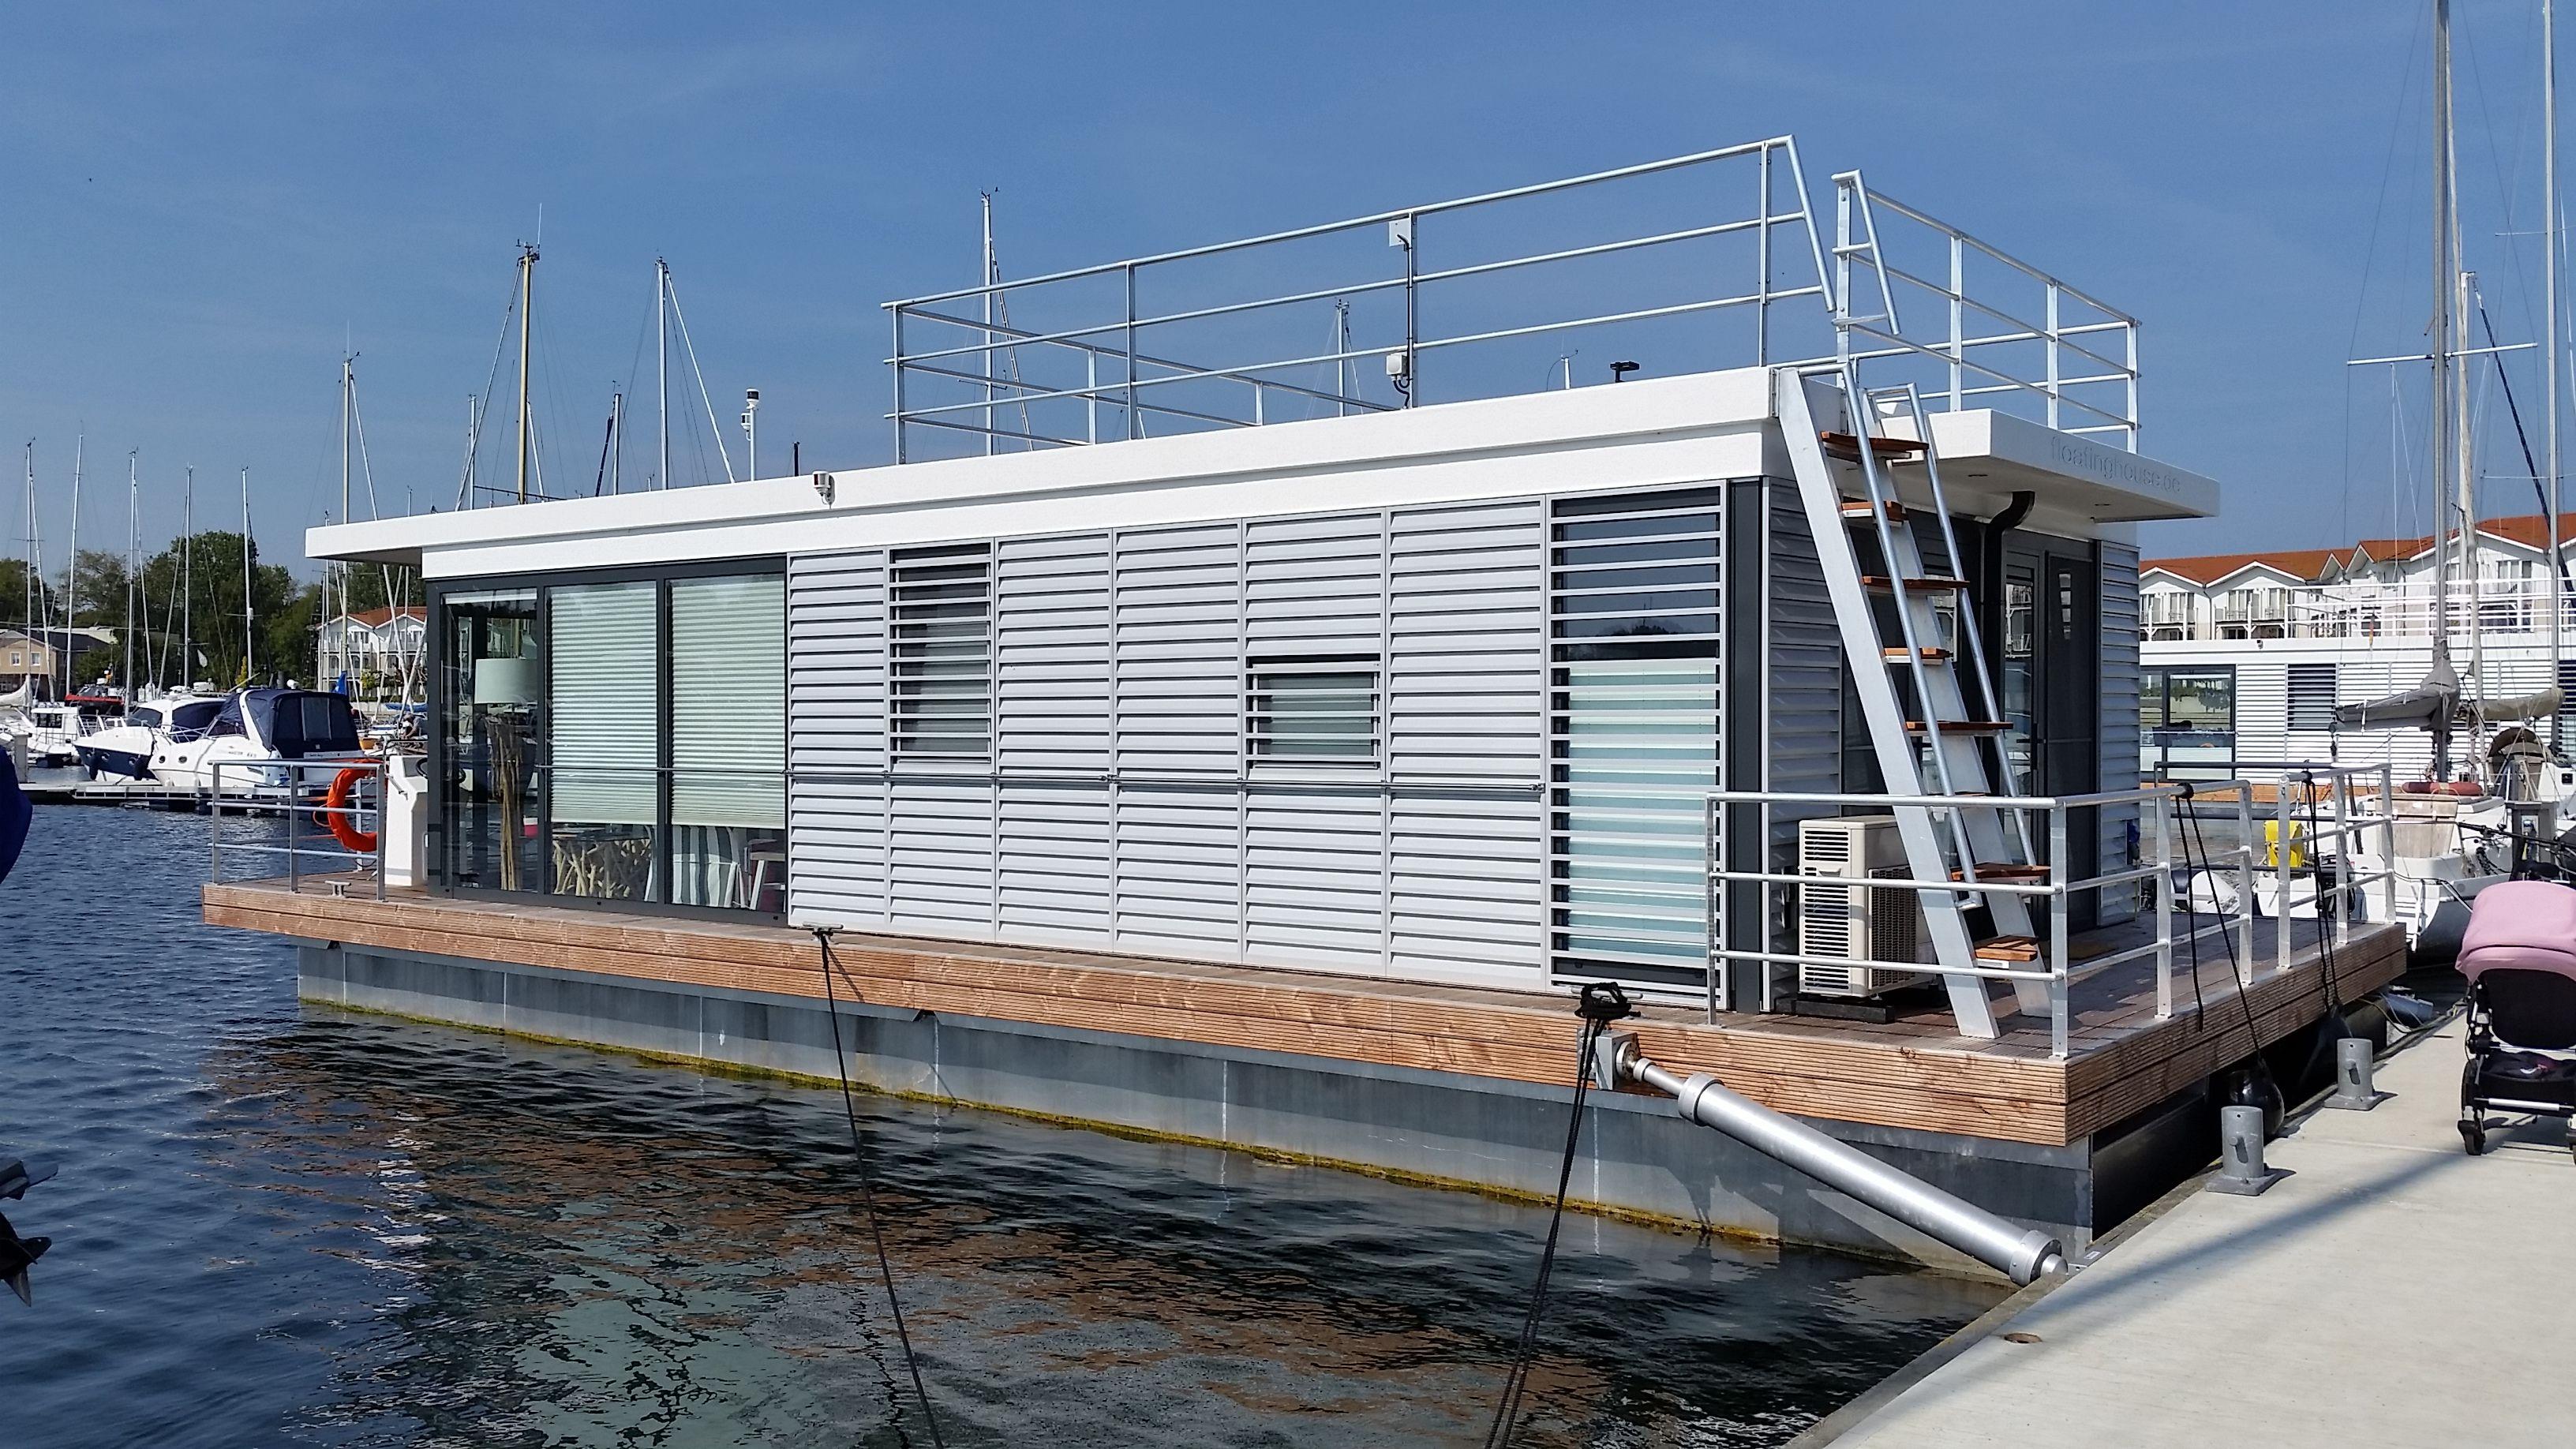 Hausboot An Der Ostsee Kaufen Und Mieten Hausbooturlaub Ostsee Boltenhagen Mecklenburg Vorpommern Deutschlan Hausboot Ostsee Ferienhaus Schwimmende Hauser